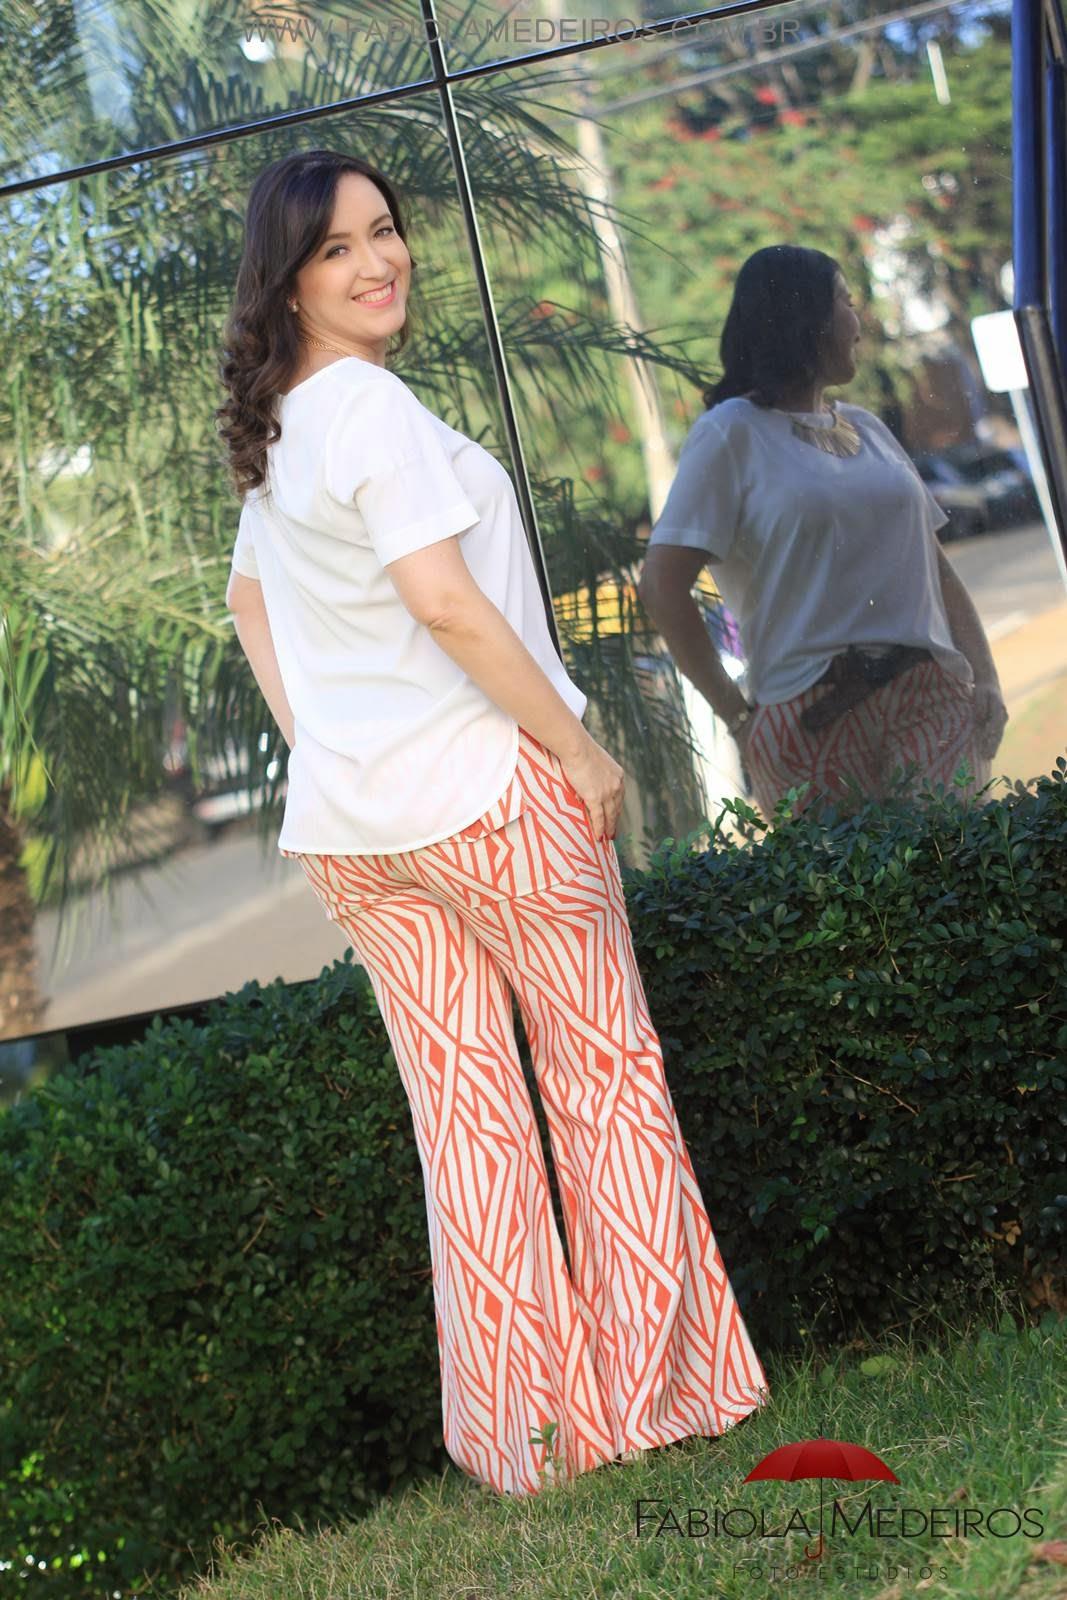 blog camila andrade, calça pantalona, blusa branca, acessórios, sandália nude, look do dia, fabiola medeiros, verão 2015